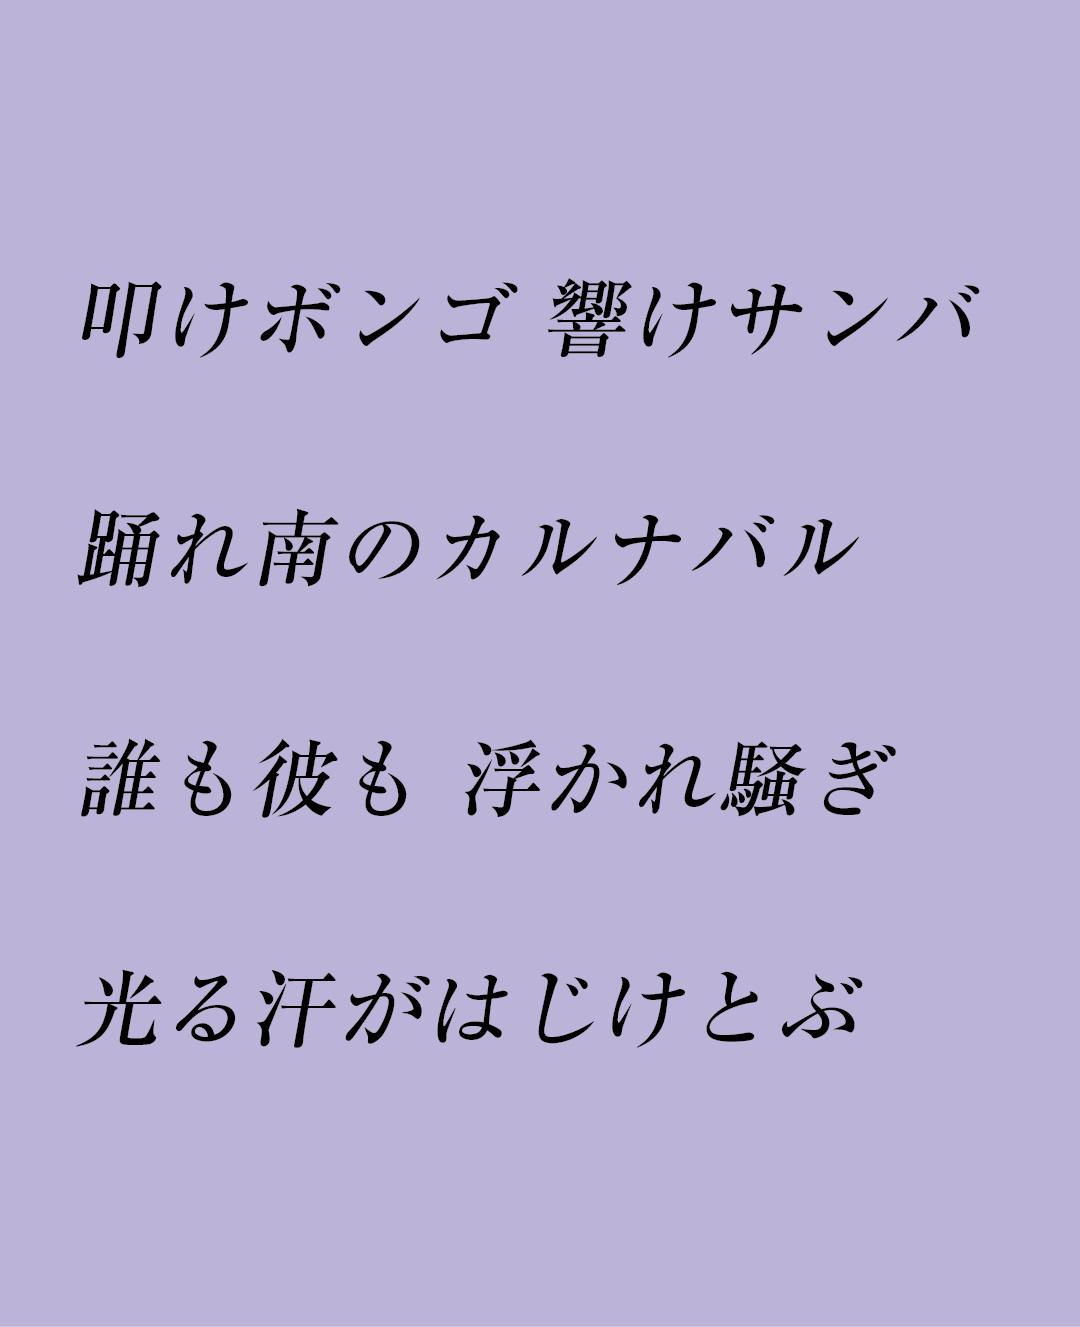 『マツケンサンバⅡ』